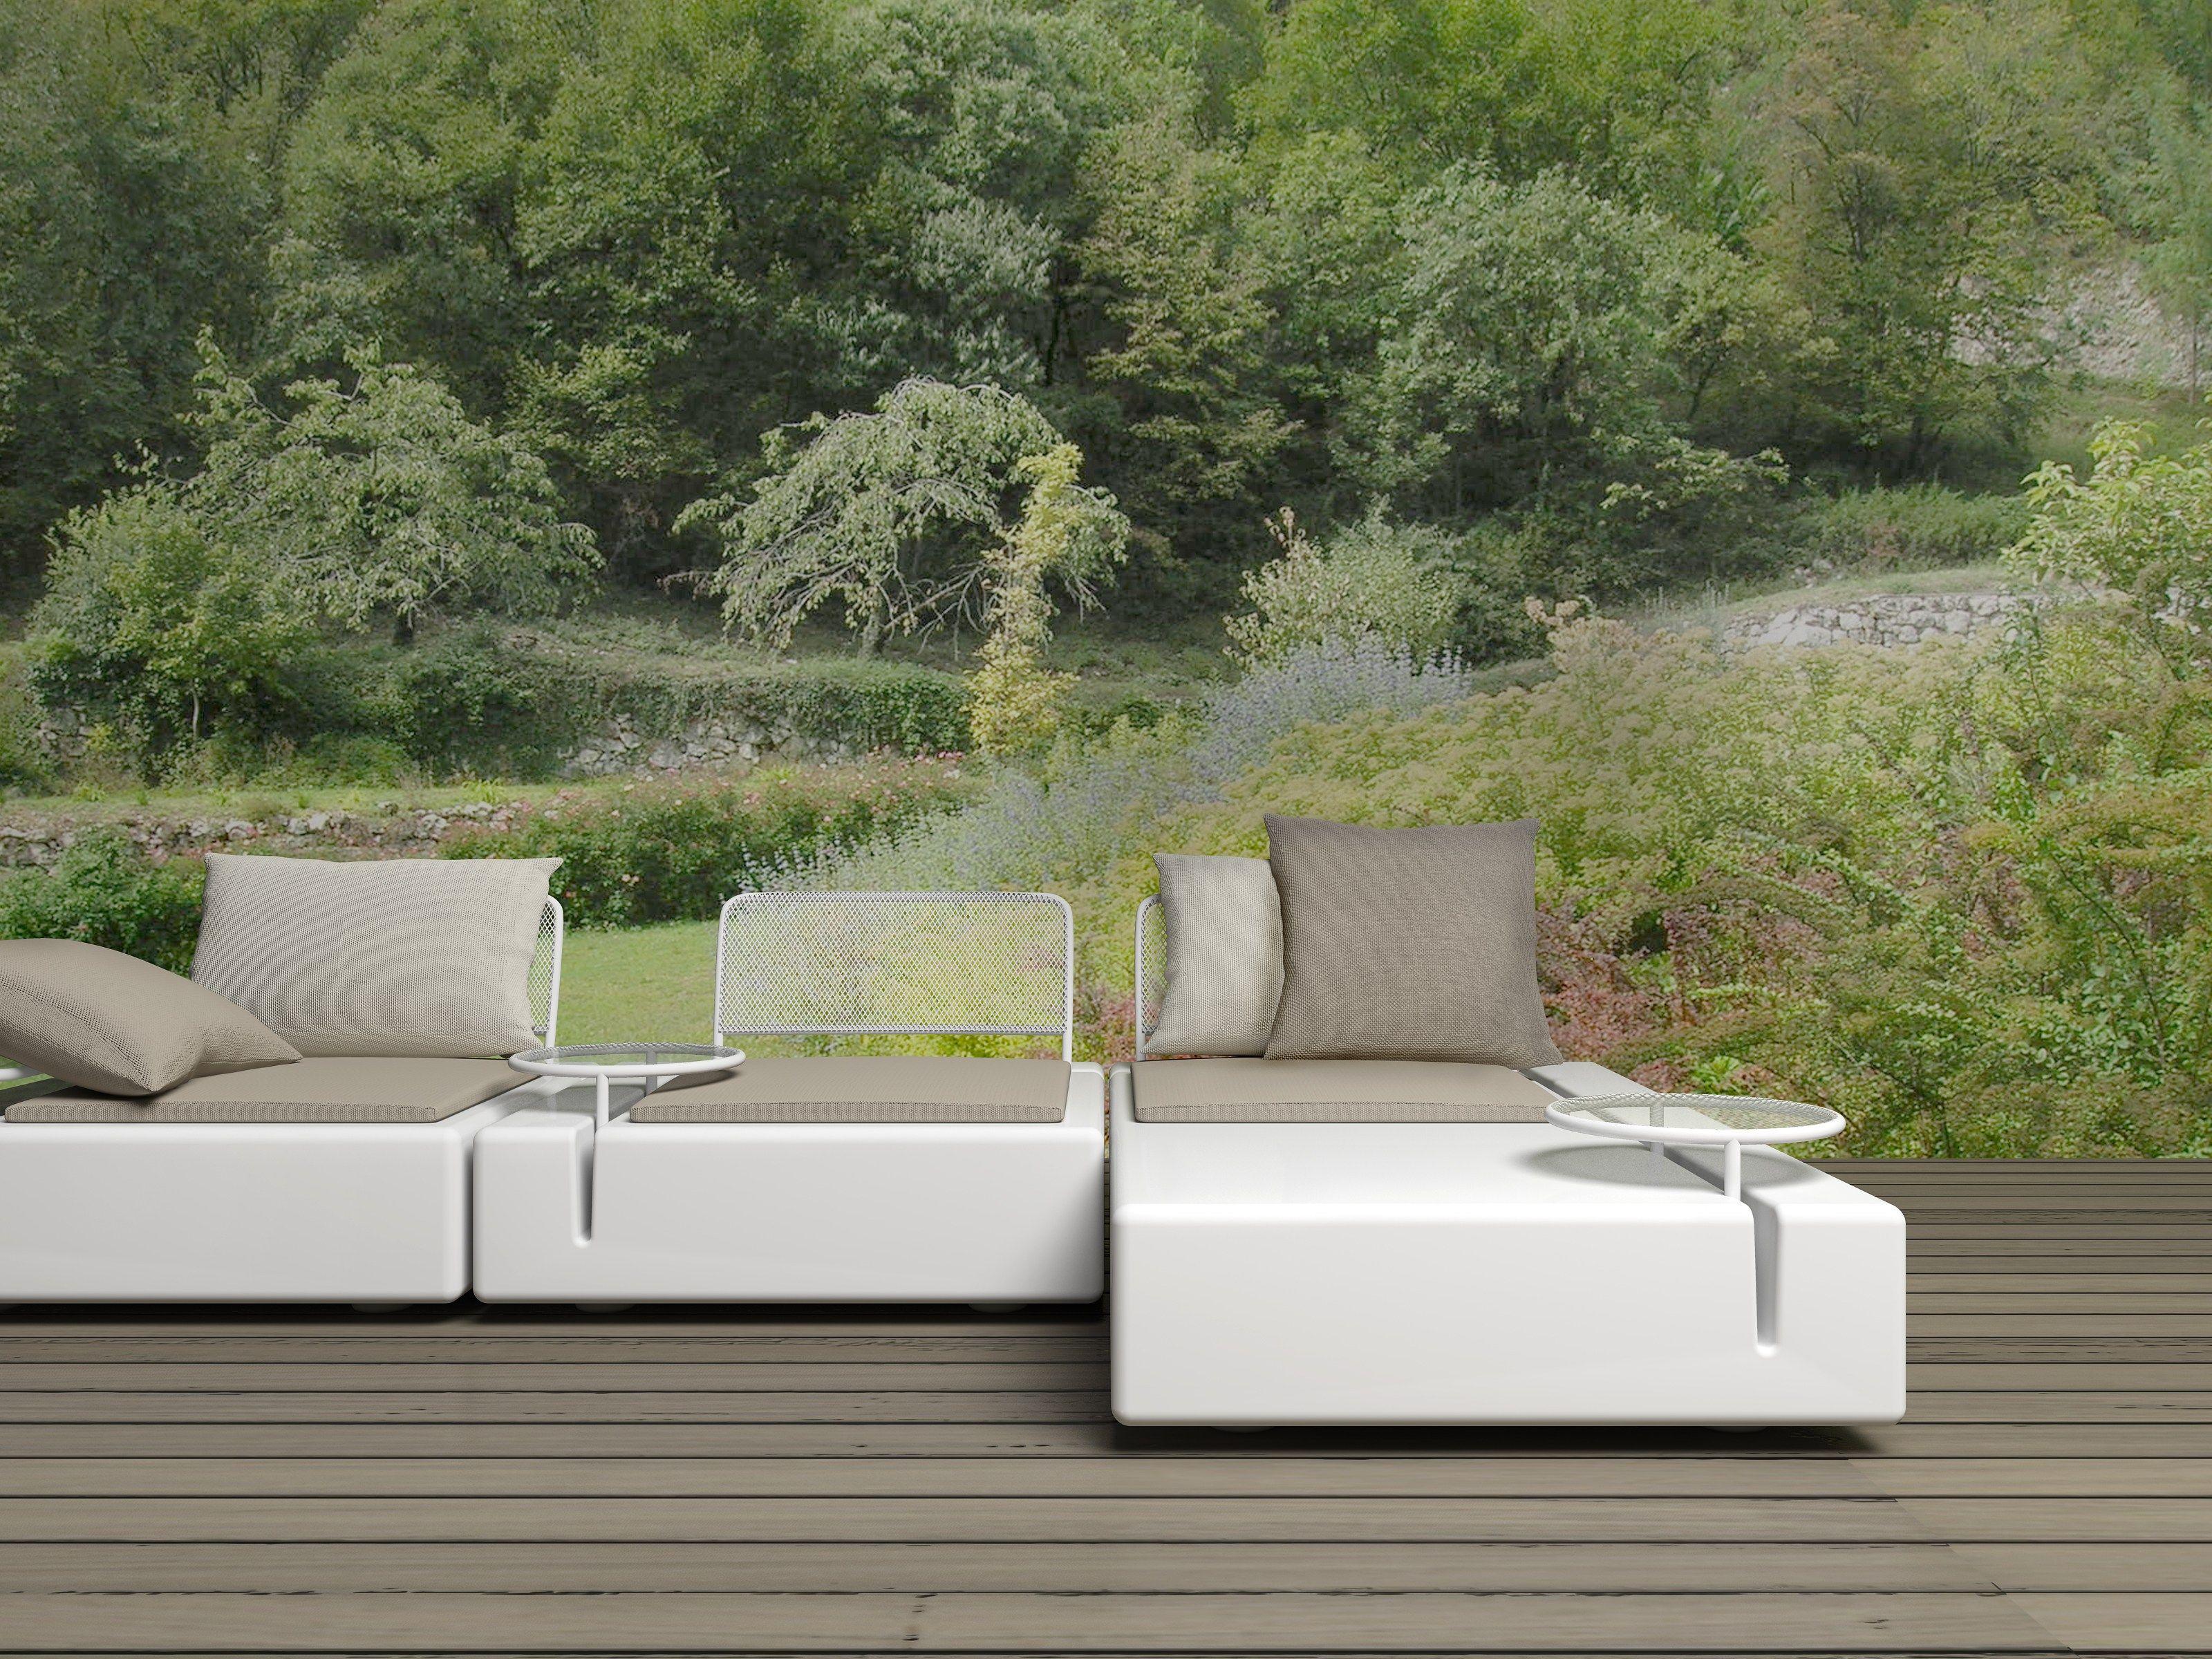 Canap composable de jardin kes by vondom design buratti - Canape de jardin design ...